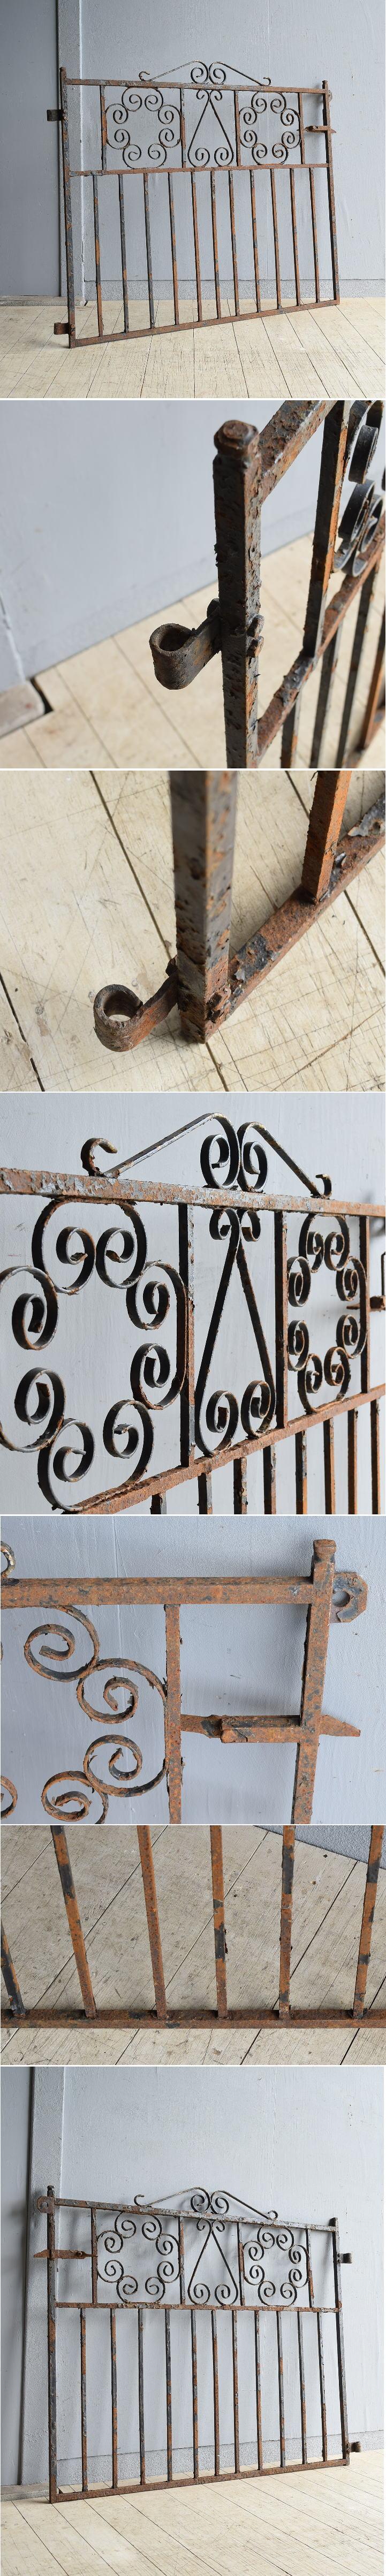 イギリス アンティーク アイアンフェンス ゲート柵 8060